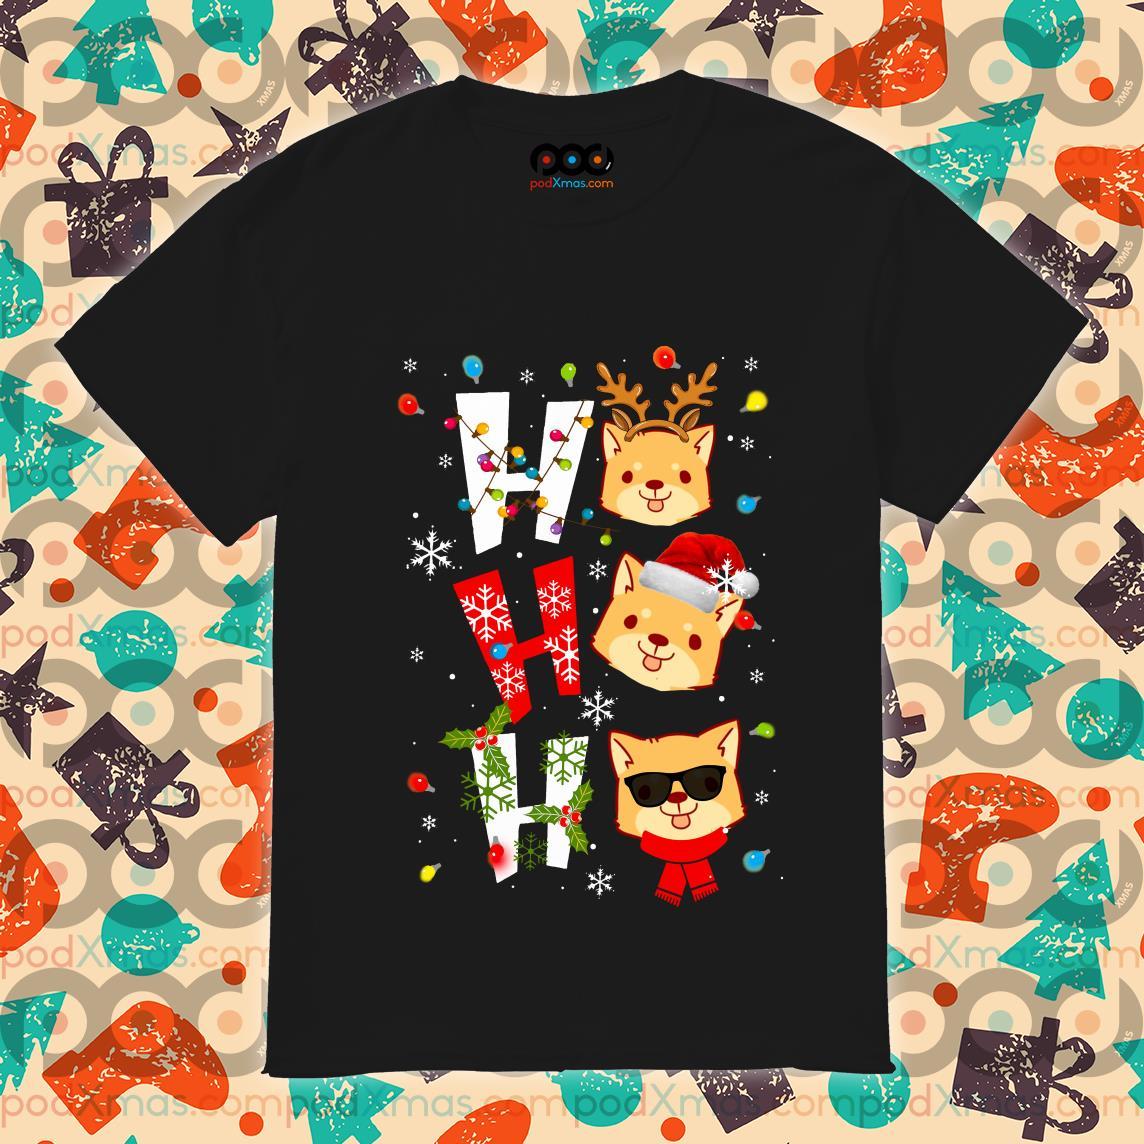 Corgi Ho Ho Ho Christmas shirt